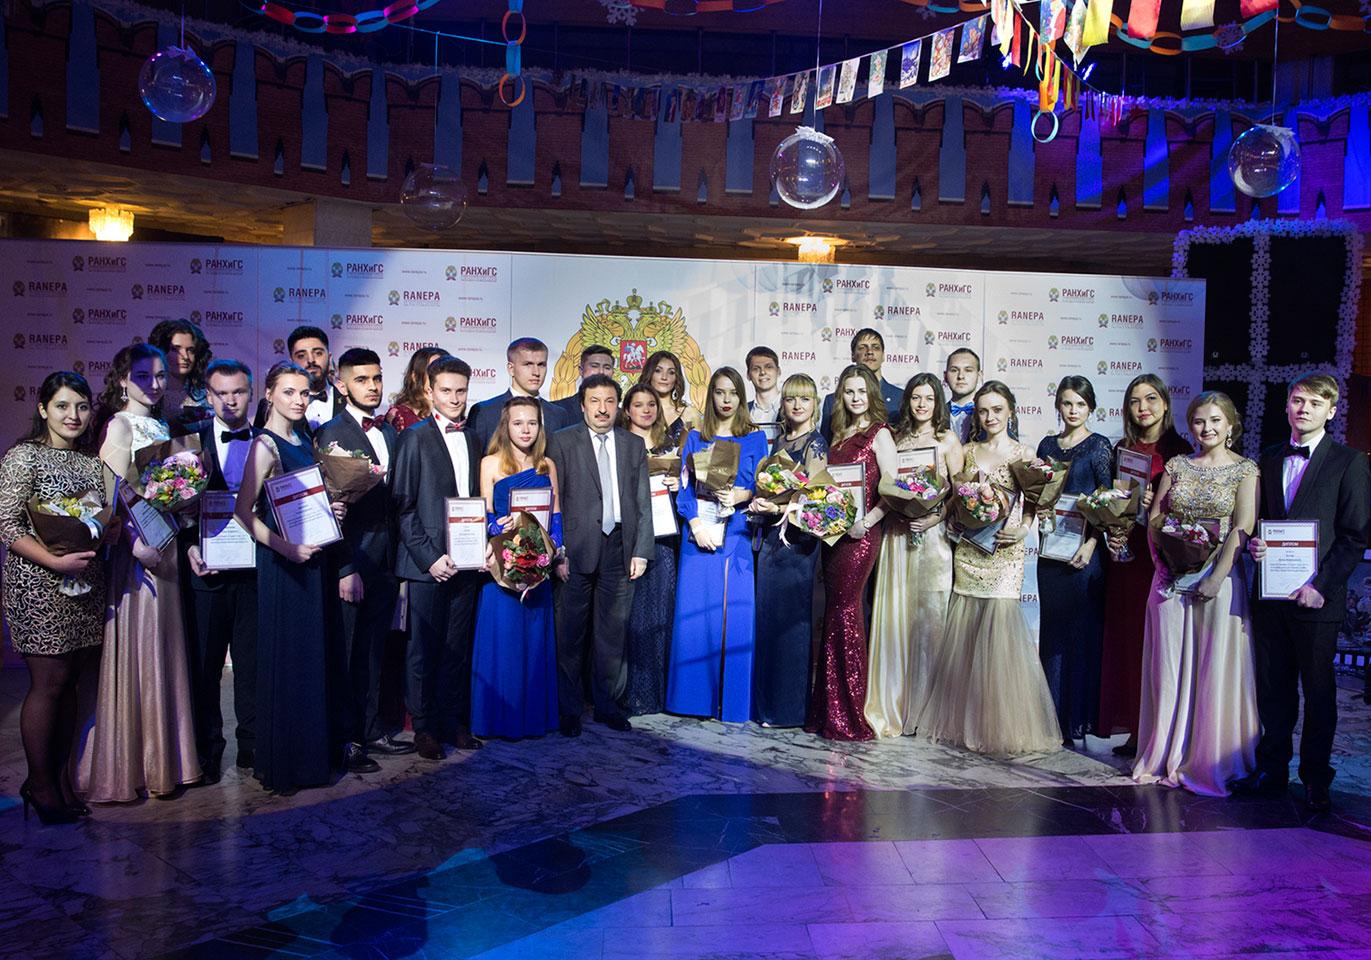 В президентской академии выявили 30 лучших студентов – финалистов премии «Студент года». Всего в список вошли 10 учащихся Московского кампуса и 20 из филиалов Академии